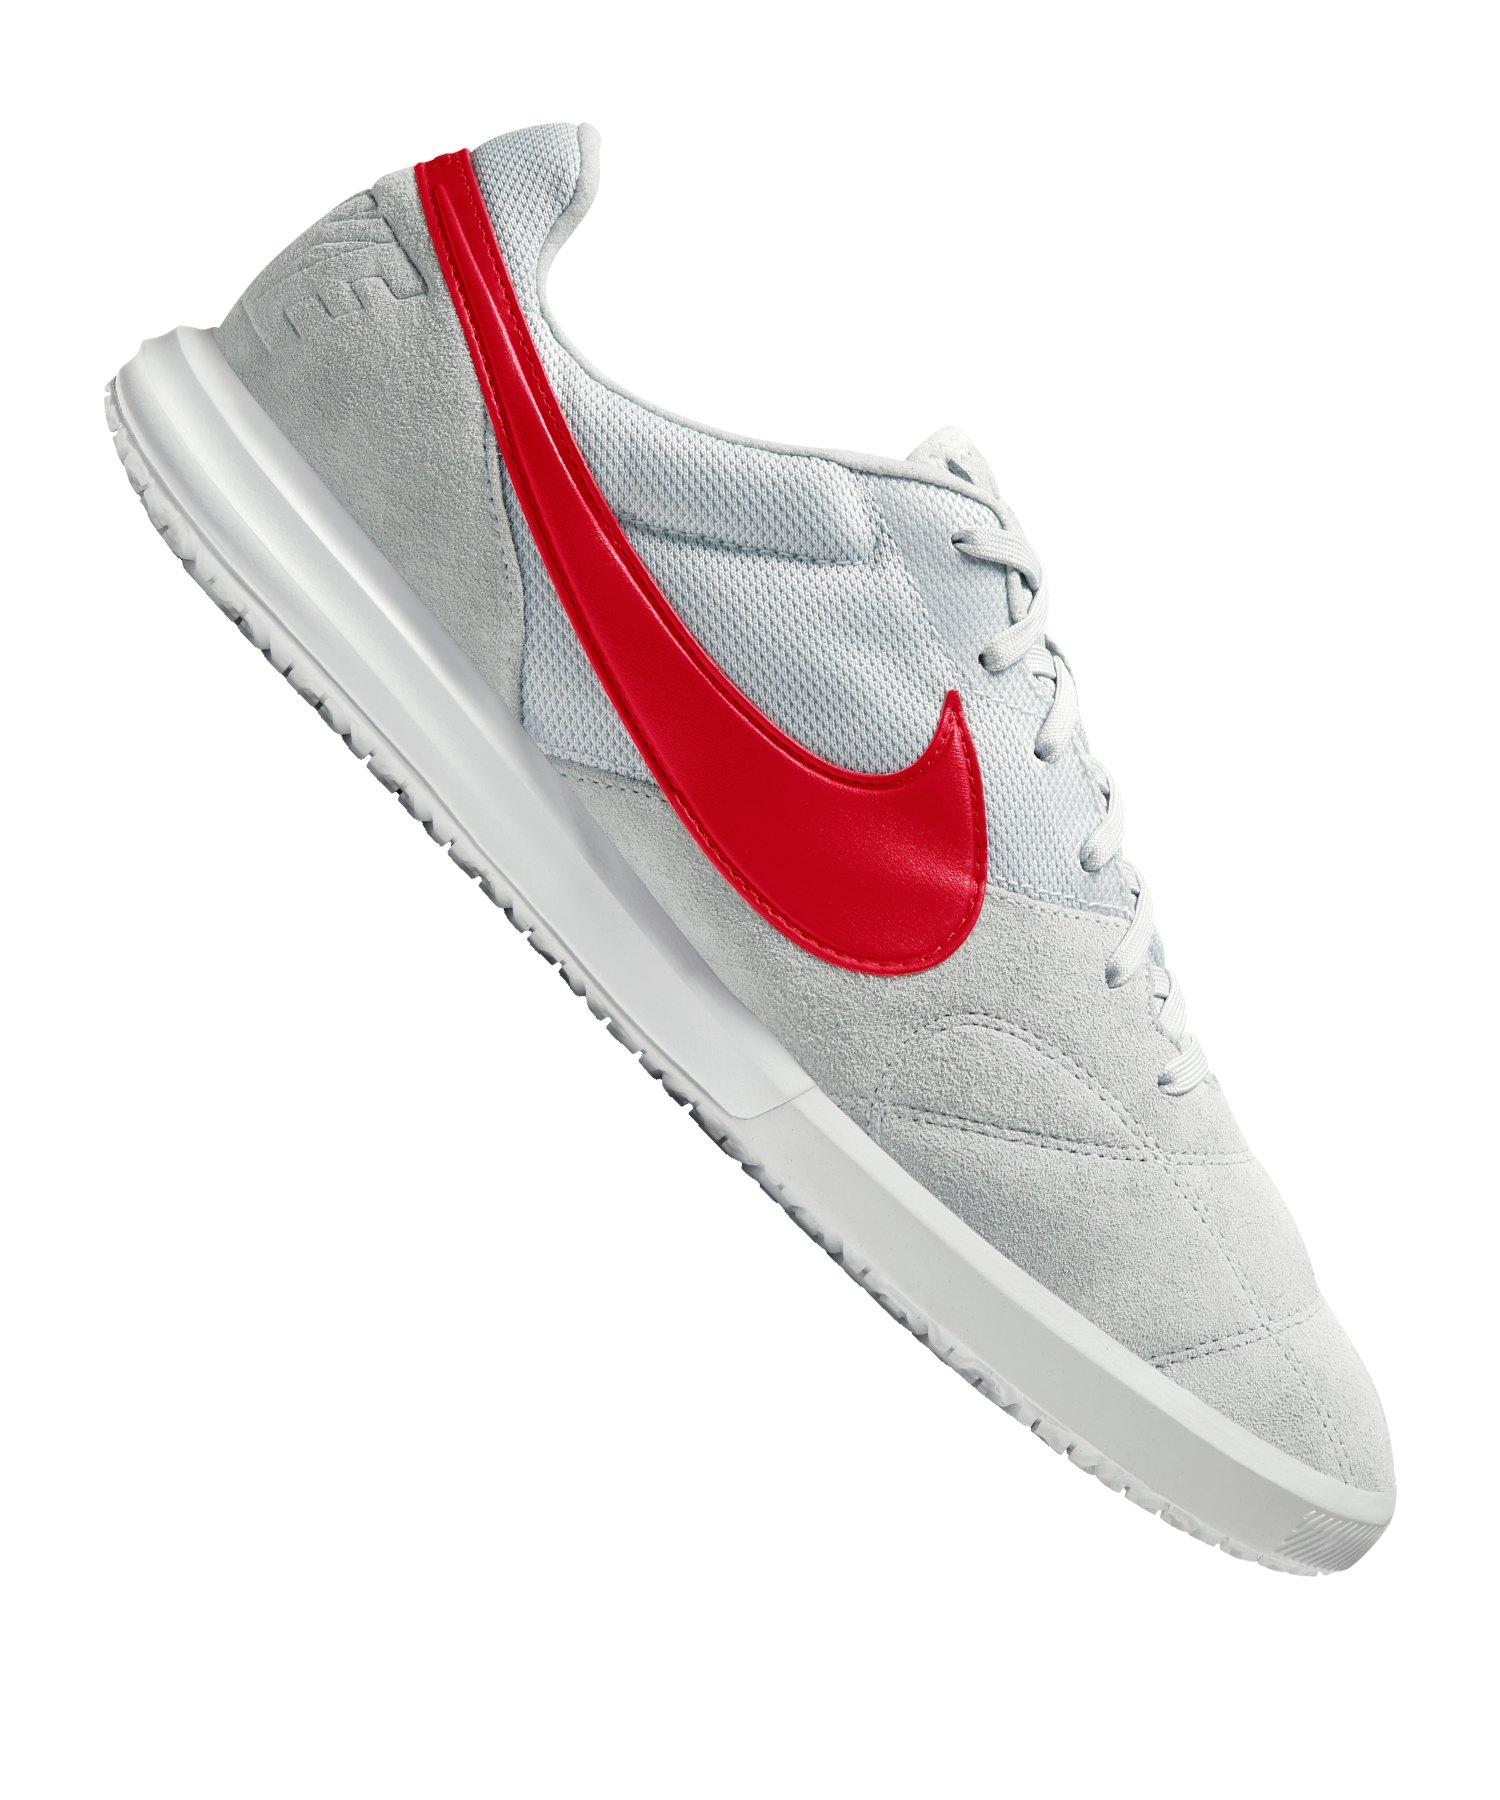 II Grau IC Sala F061 Nike Premier hrtsdCQ